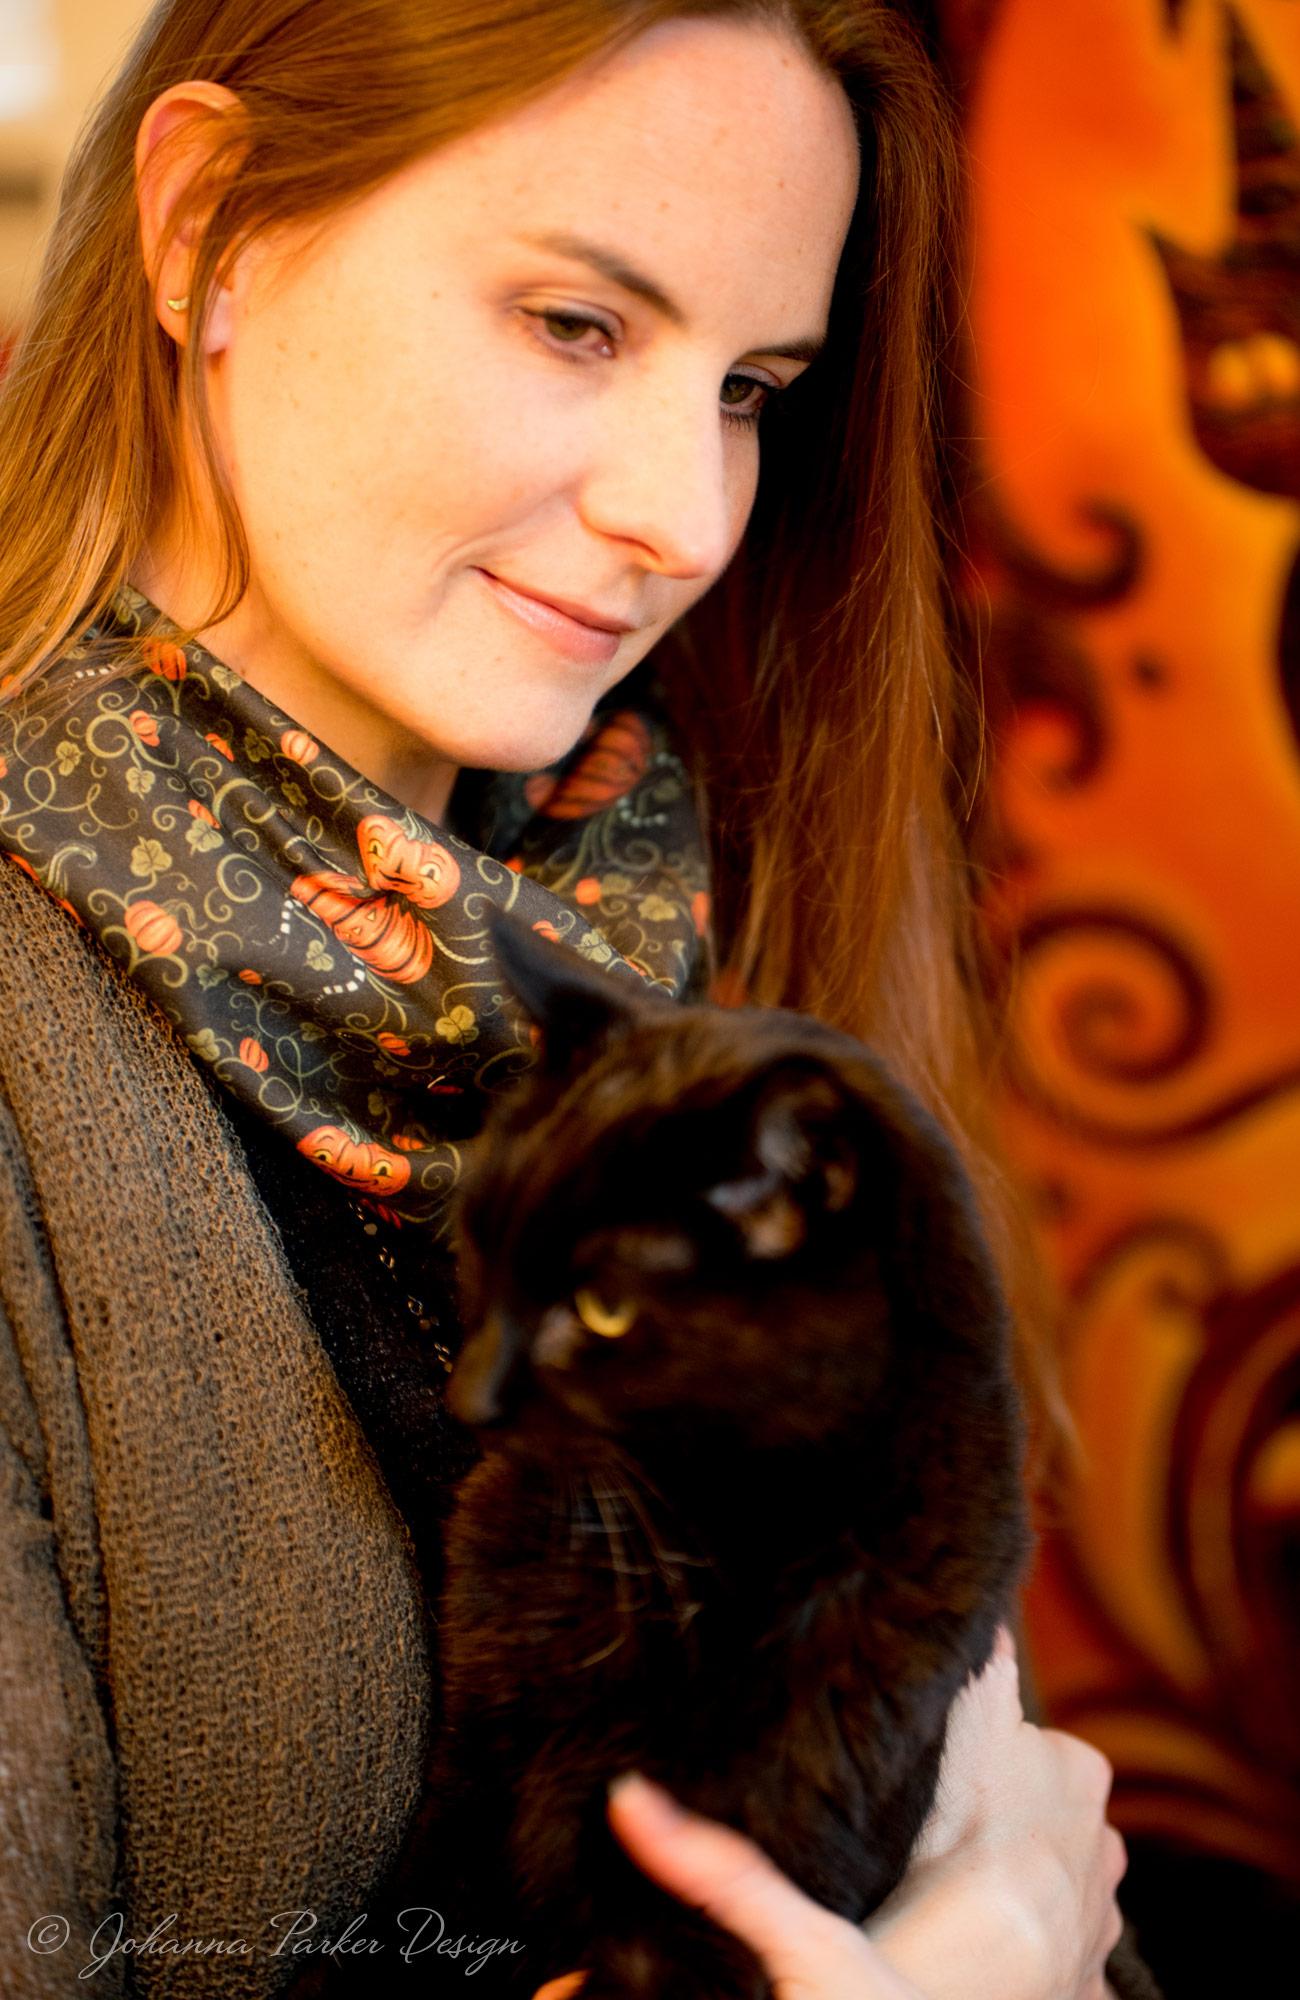 Johanna-Parker-&-Jack-1.jpg